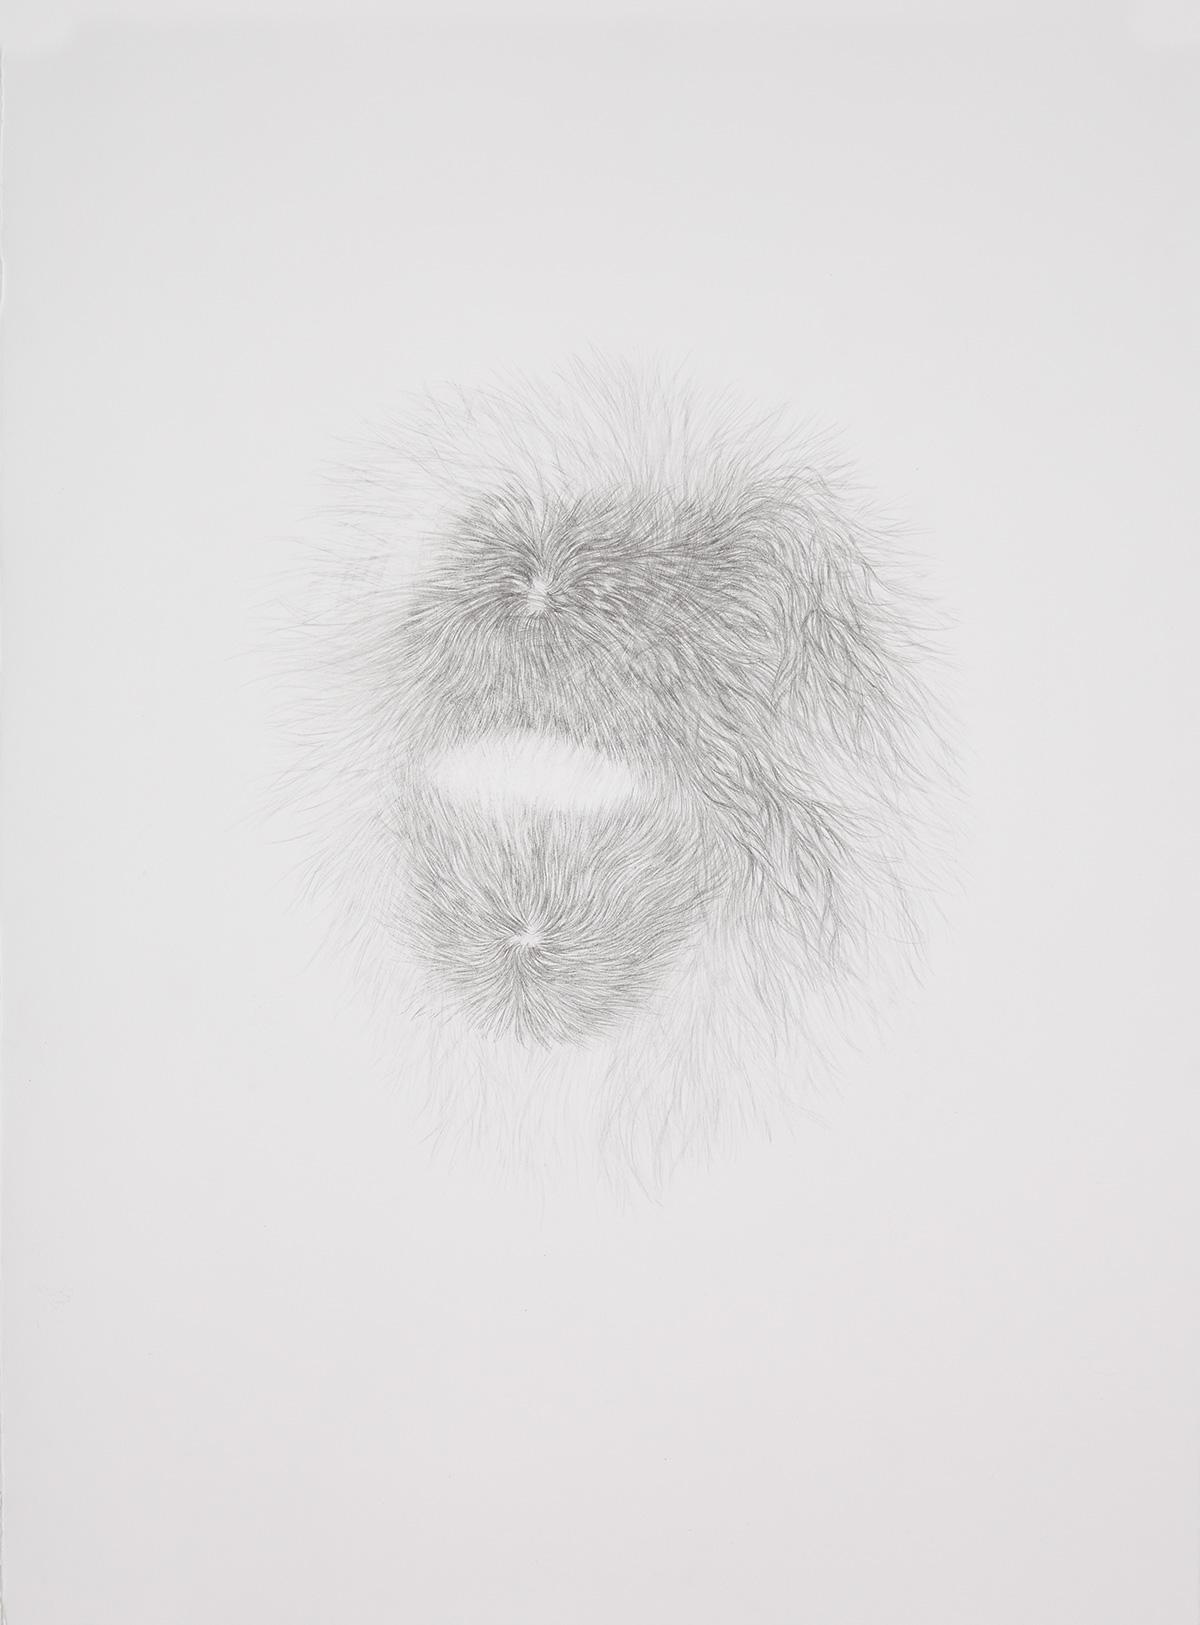 <i>Derrière les secrets (bourka)</i>, 2016, graphite, 80x60cm